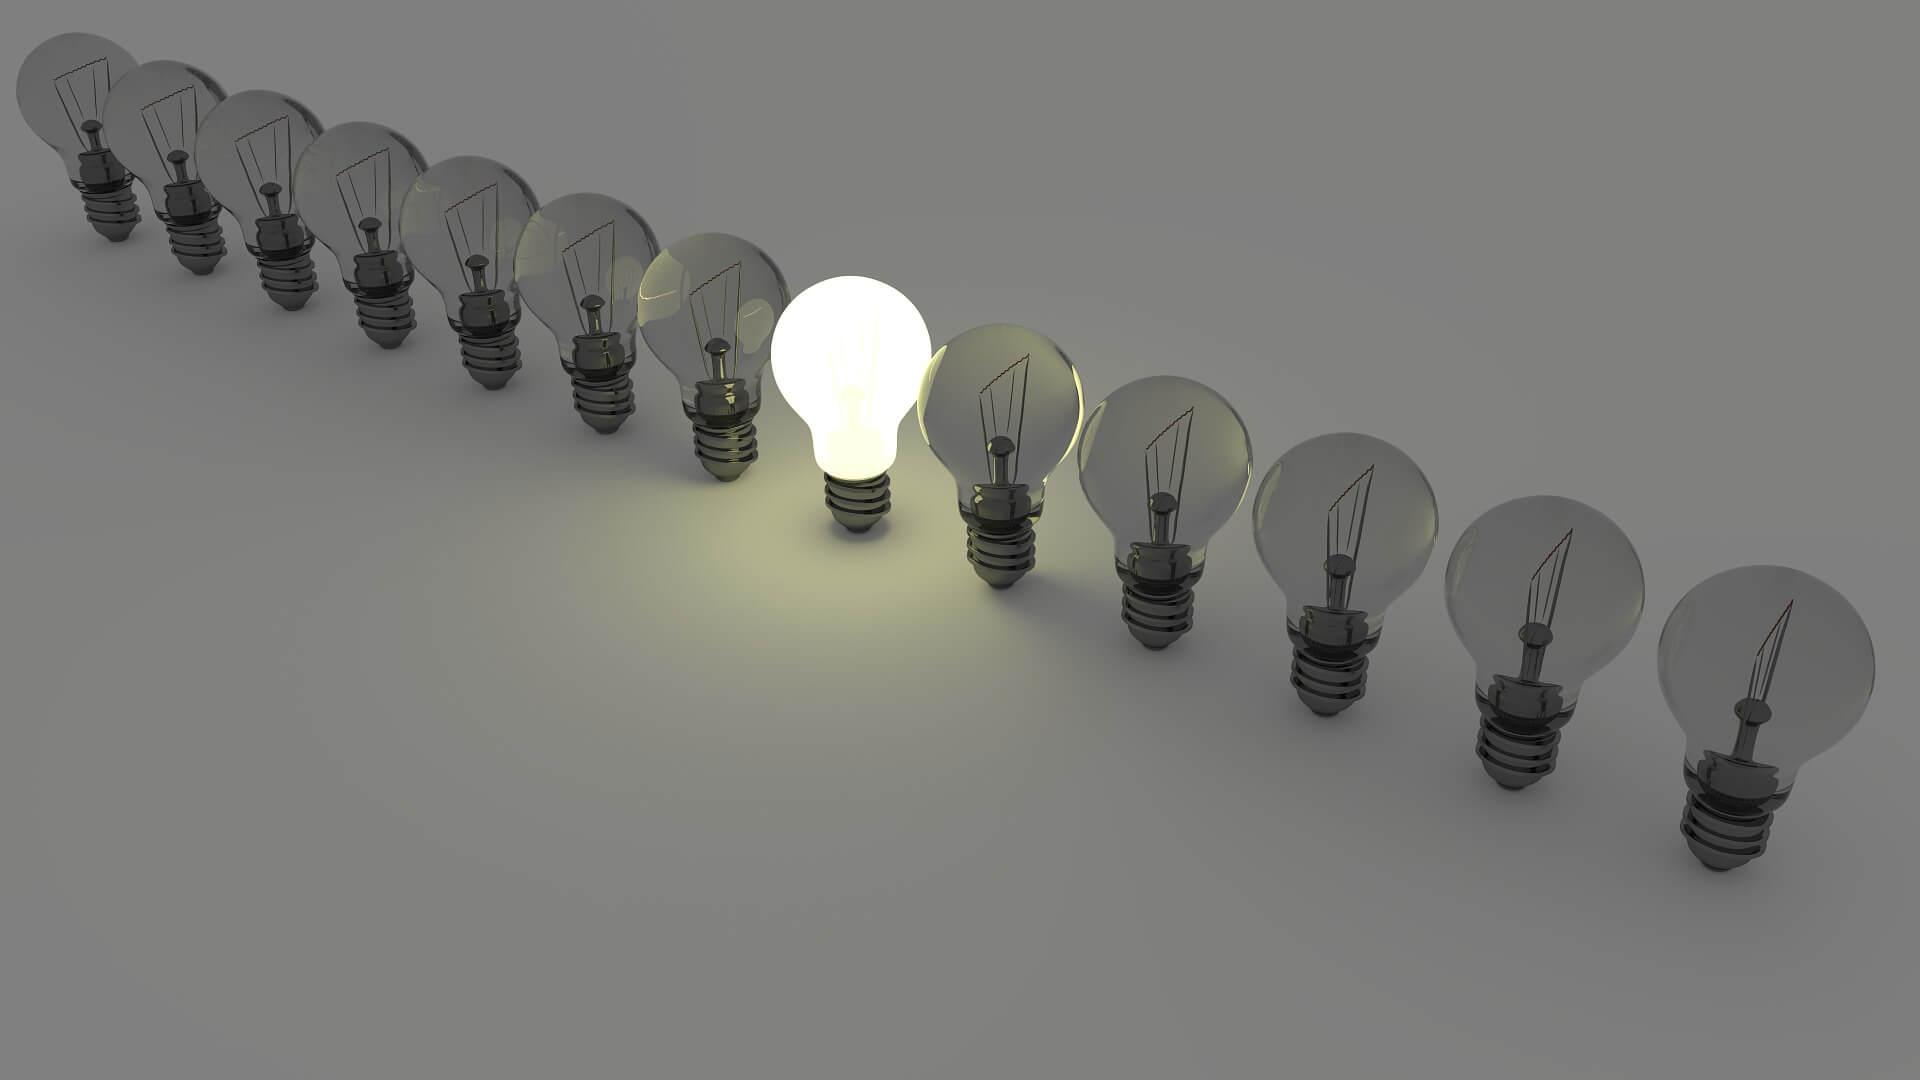 Led oder energiesparlampe diese unterschiede musst du kennen parisarafo Gallery